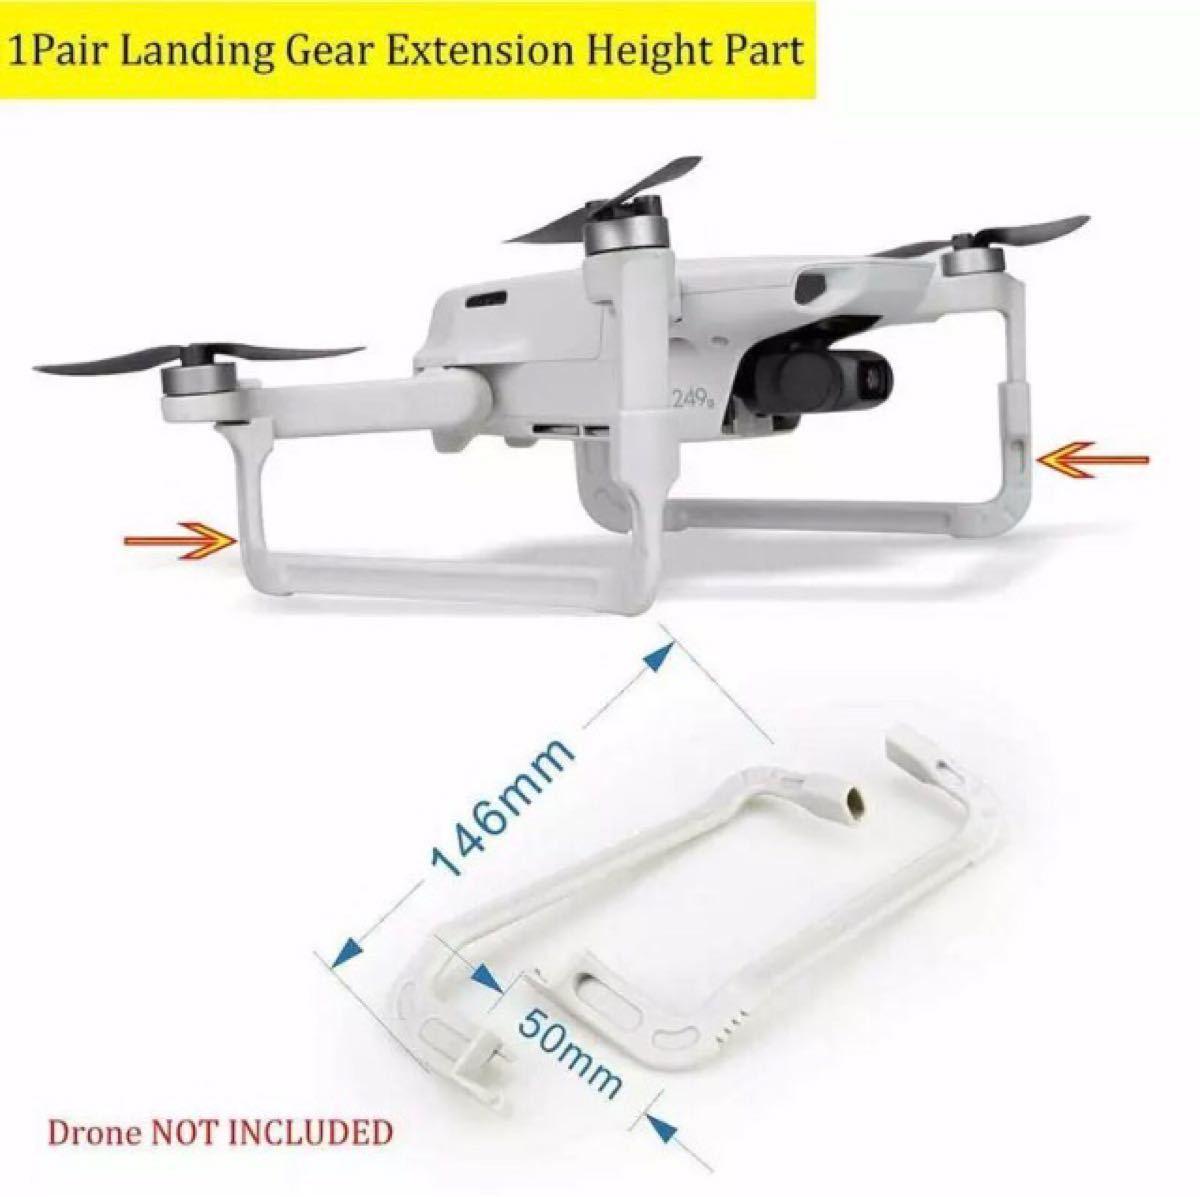 DJI MINI用ランディングギア着陸ガード